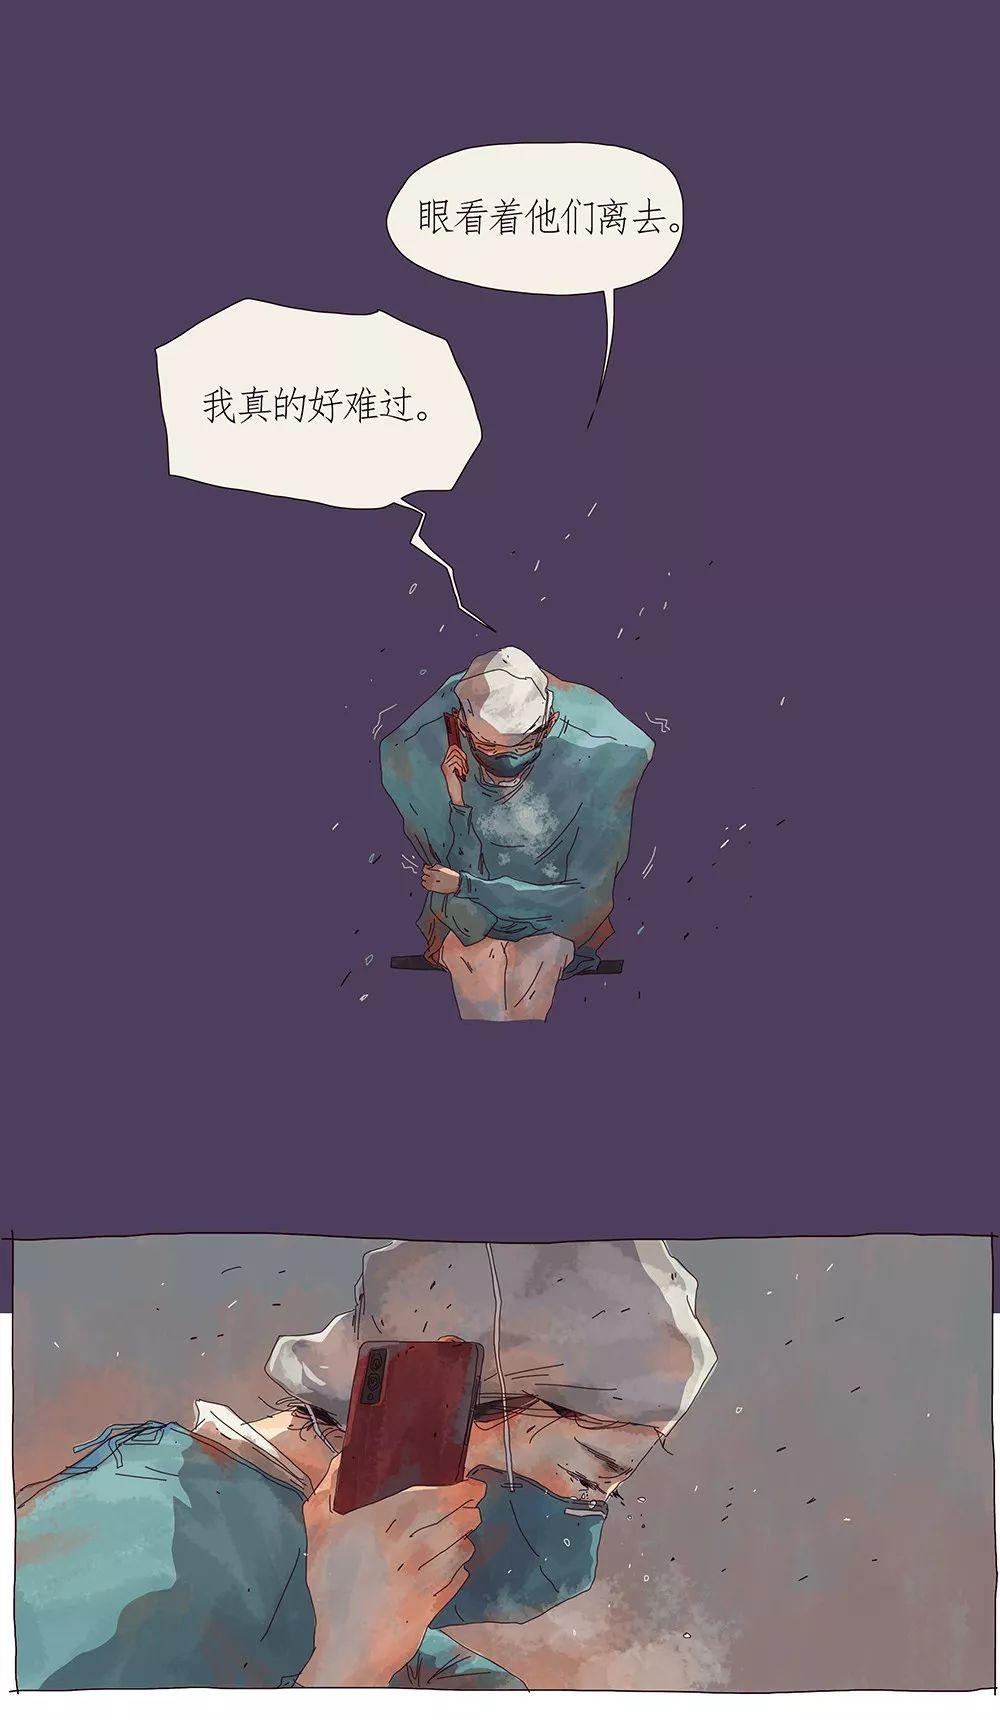 吉林快三开奖结果彩经网